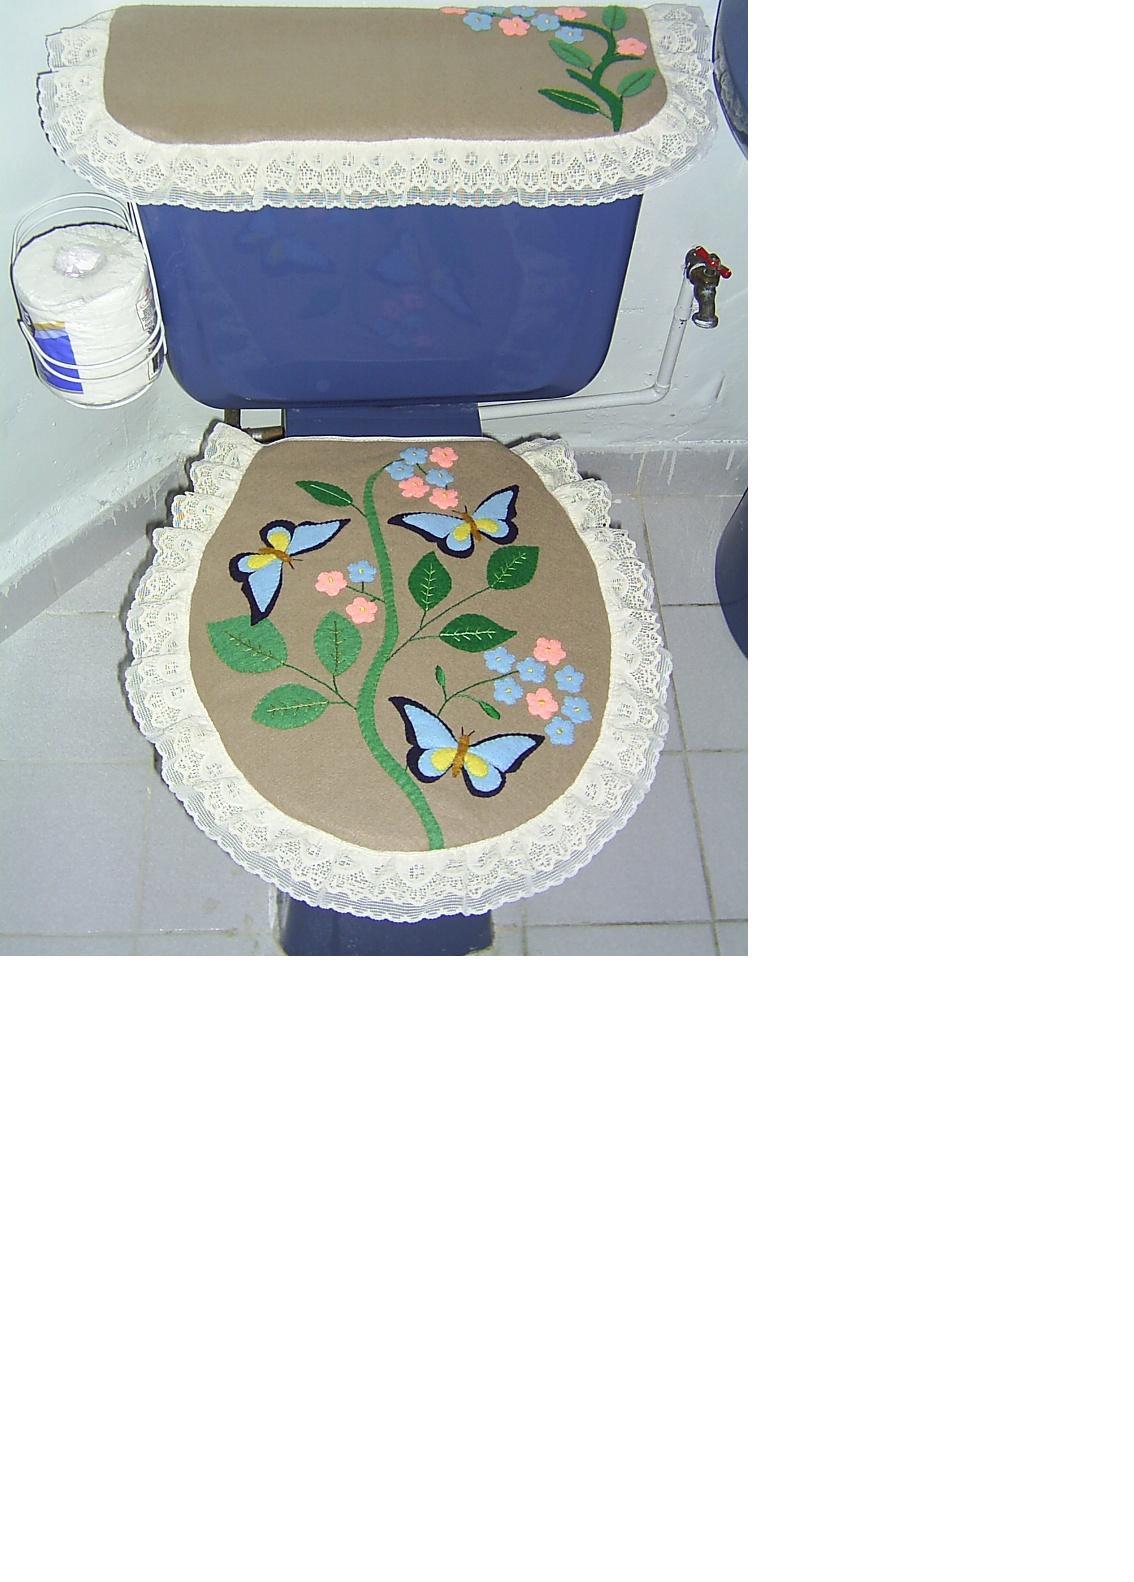 Baños Ninos Modernos:Baños Modernos: Baño de niño decorado